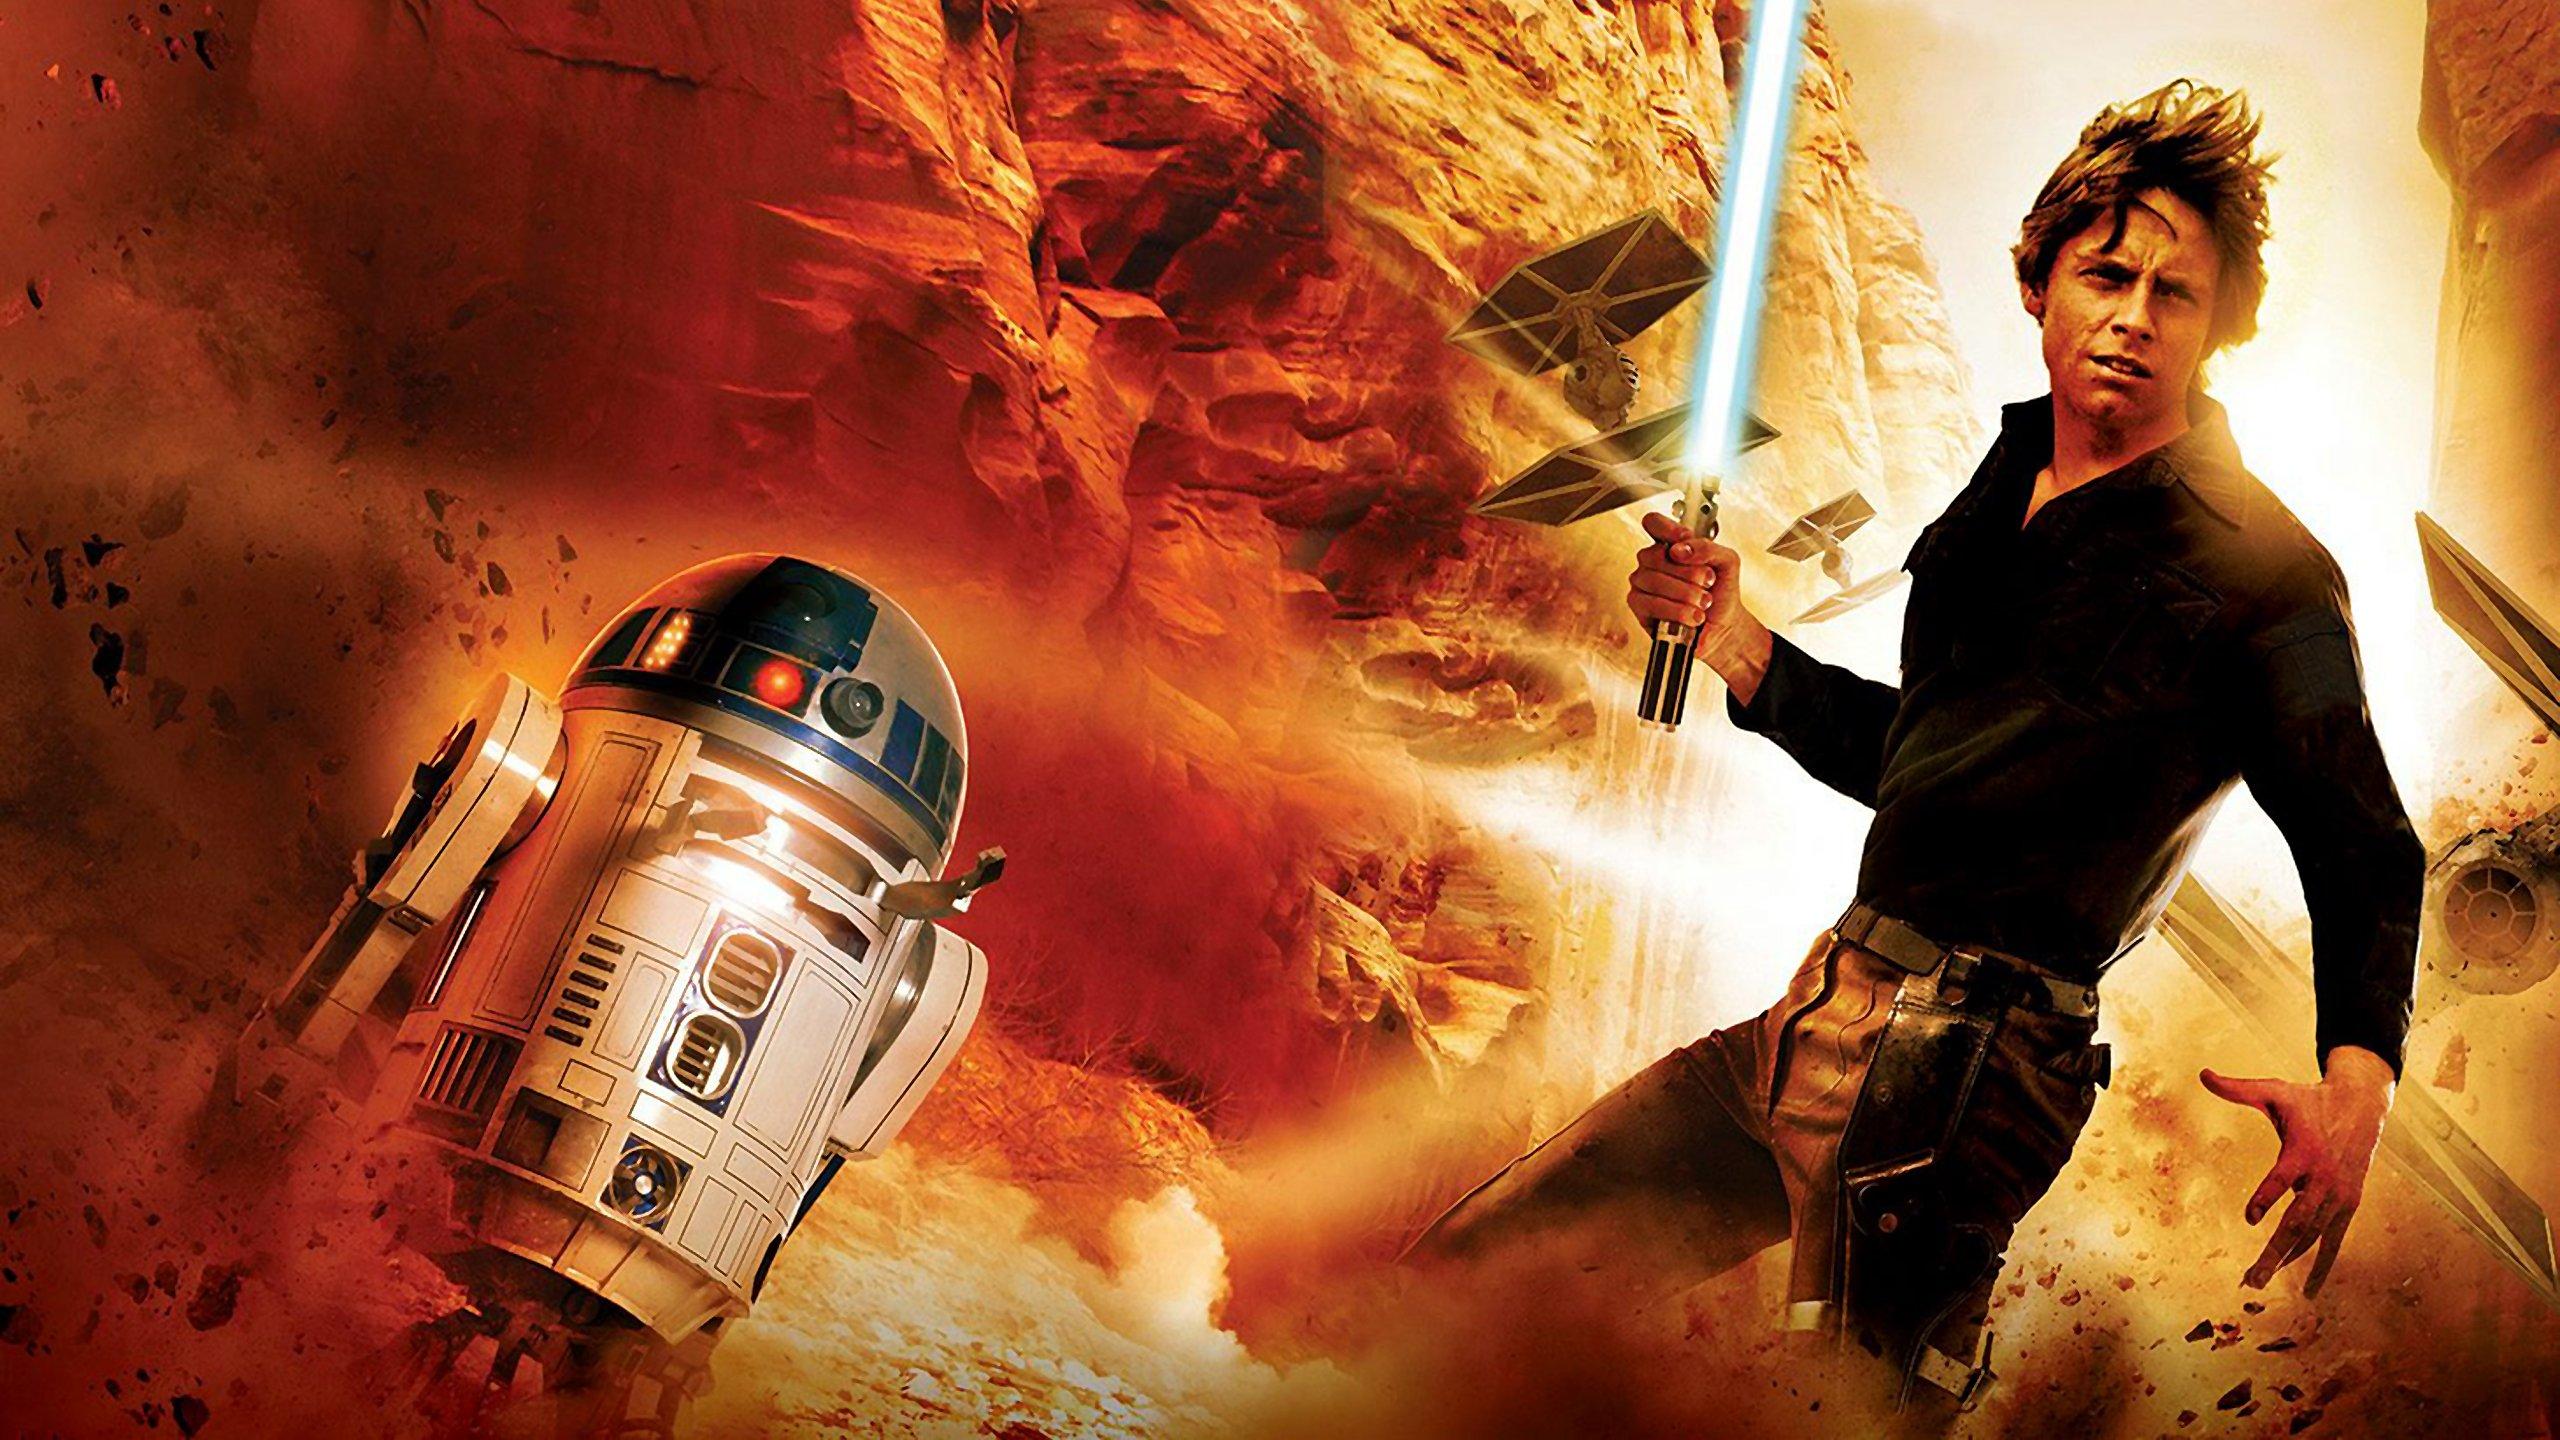 9 98658 789012 title luke skywalker movie star wars r2